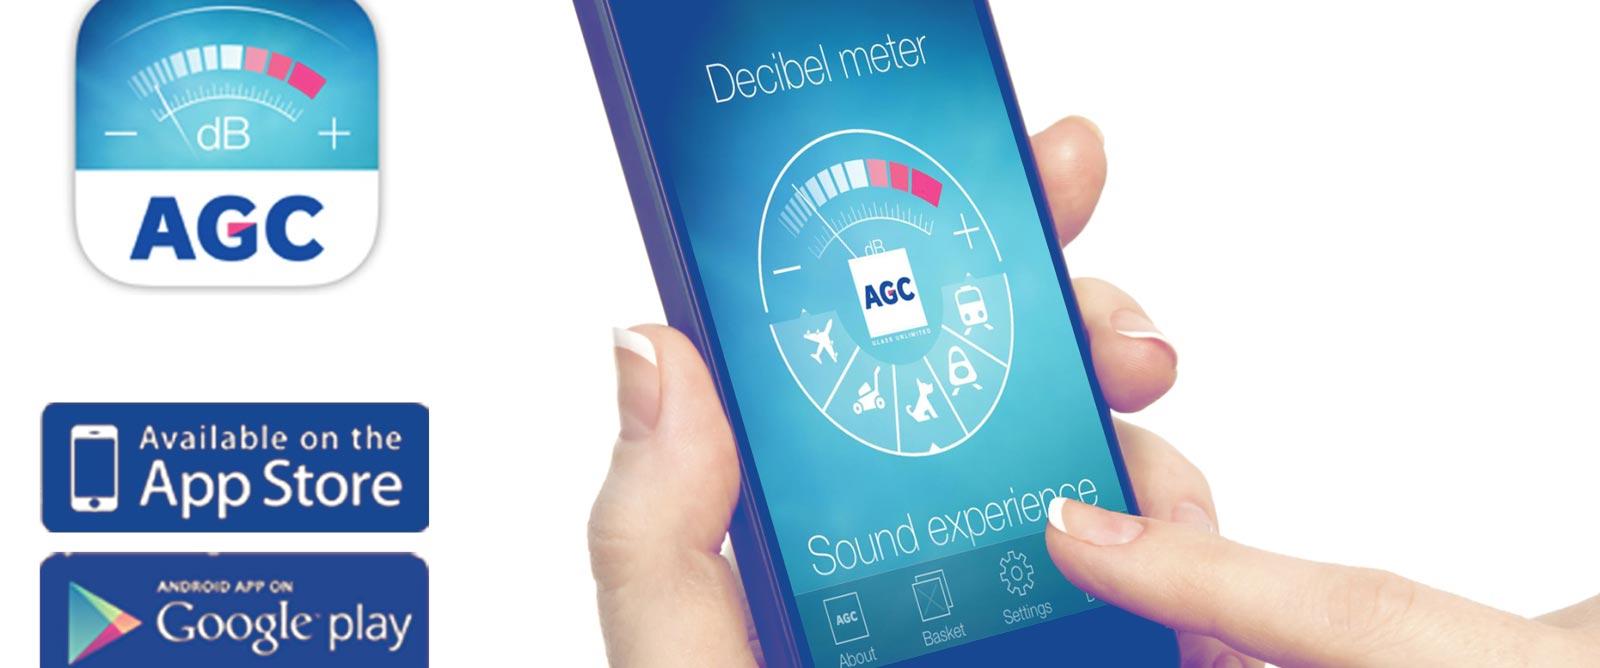 AGC Nederland - Acoustics in your pocket!